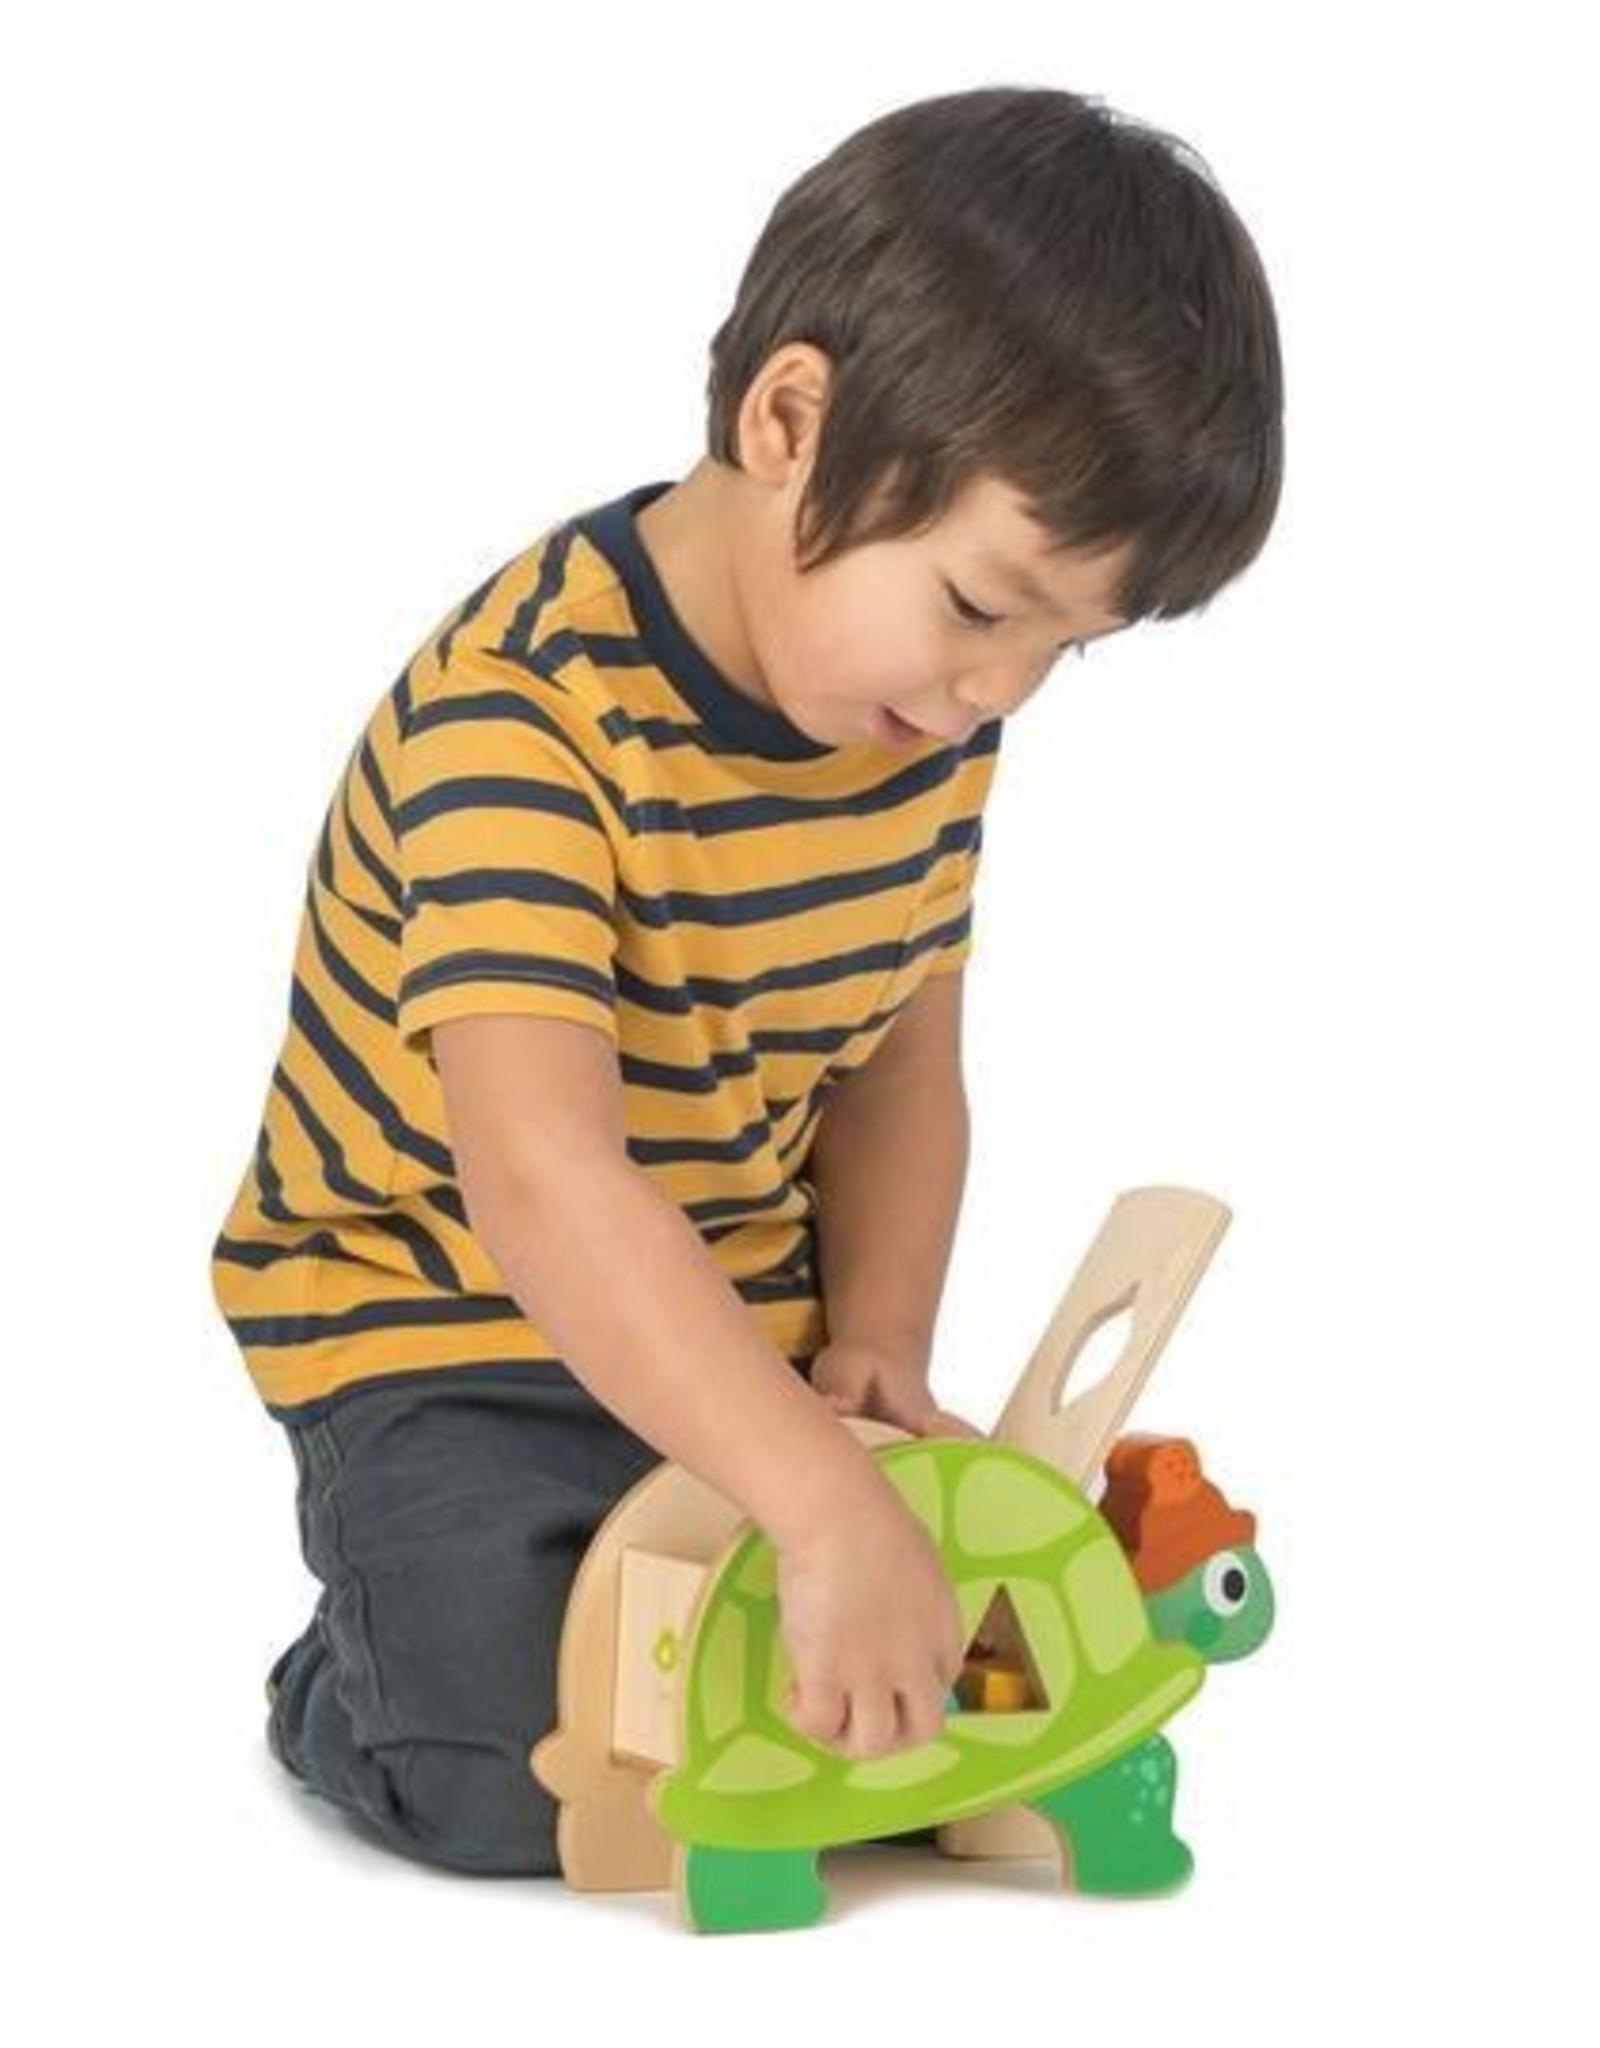 Tender leaf toys Tortue Trieuse de formes